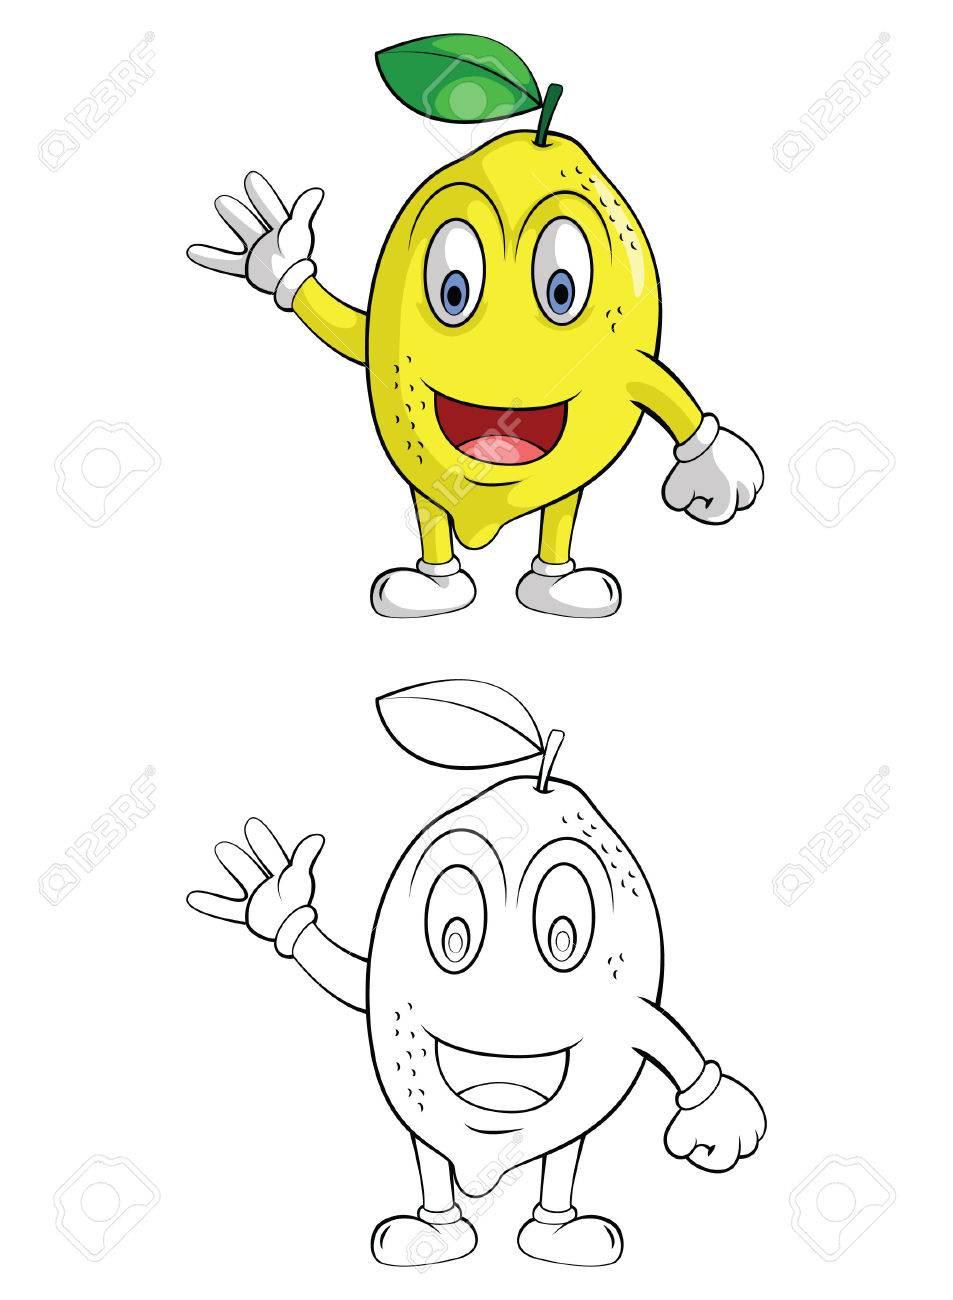 Libro Para Colorear Dibujos Animados Carácter Limón Naranja Sonrisa